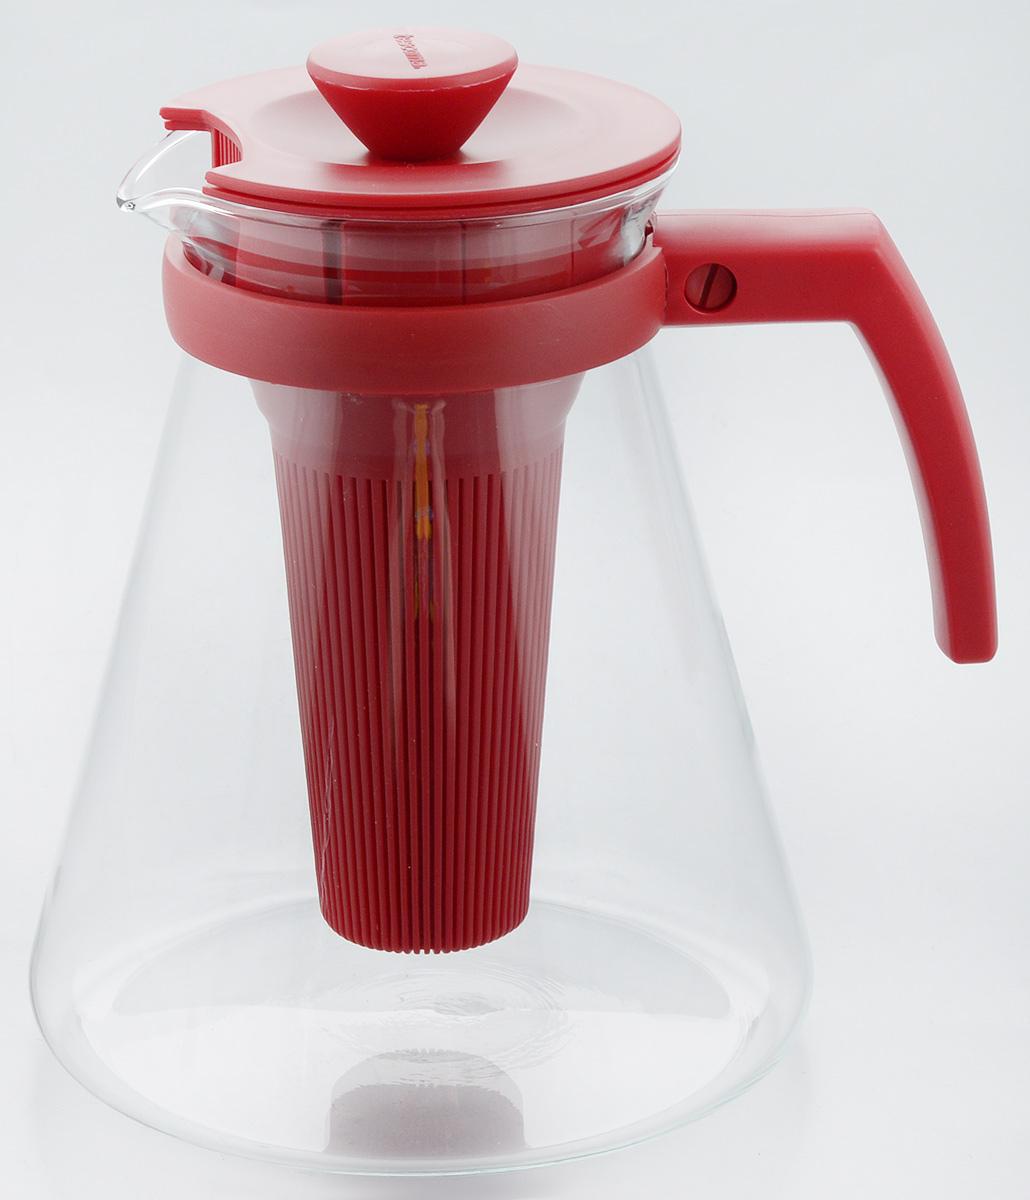 Чайник заварочный Tescoma Teo Tone, с ситечком, цвет: красный, прозрачный, 1,7 л68/5/2Чайник заварочный Tescoma Teo Tone предназначен для подготовки и сервировки всех видов чая и чайных напитков. Чайник снабжен глубоким ситечком для заваривания свежей мяты, мелиссы, имбиря, сушеного шиповника, фруктов, а также очень густым ситечком для заваривания всех видов рассыпного чая. Корпус чайника изготовлен из термостойкого боросиликатного стекла, поэтому его можно ставить на плиту. Ручка, крышка и ситечко изготовлены из прочного пластика. Чайник подходит для газовых, электрических и стеклокерамических плит, микроволновой печи. Не рекомендуется мыть в посудомоечной машине. Инструкция по использованию внутри упаковки. Диаметр (по верхнему краю): 10 см. Диаметр основания: 16 см. Высота: 18 см.